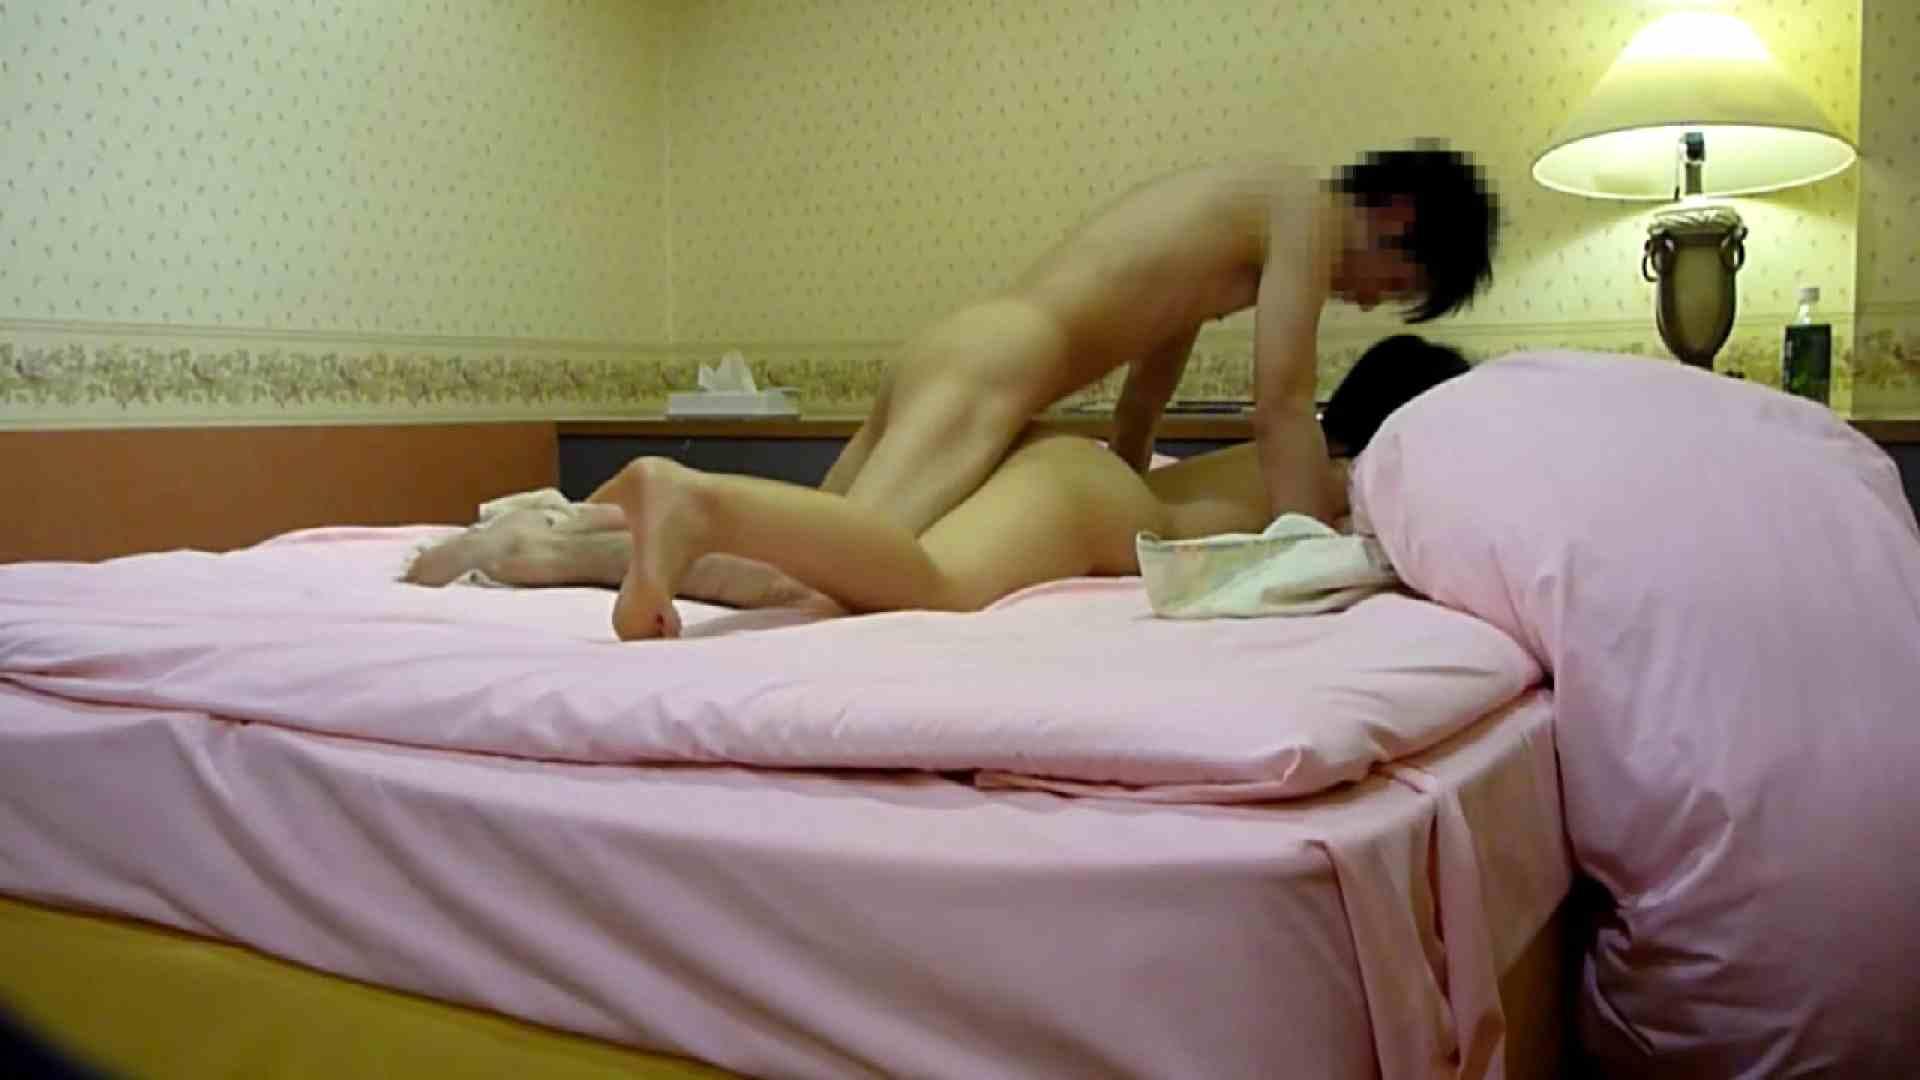 【完全素人投稿】誰にしようか!?やりチン健太の本日もデリ嬢いただきま~す!!05 投稿 セックス画像 107枚 53